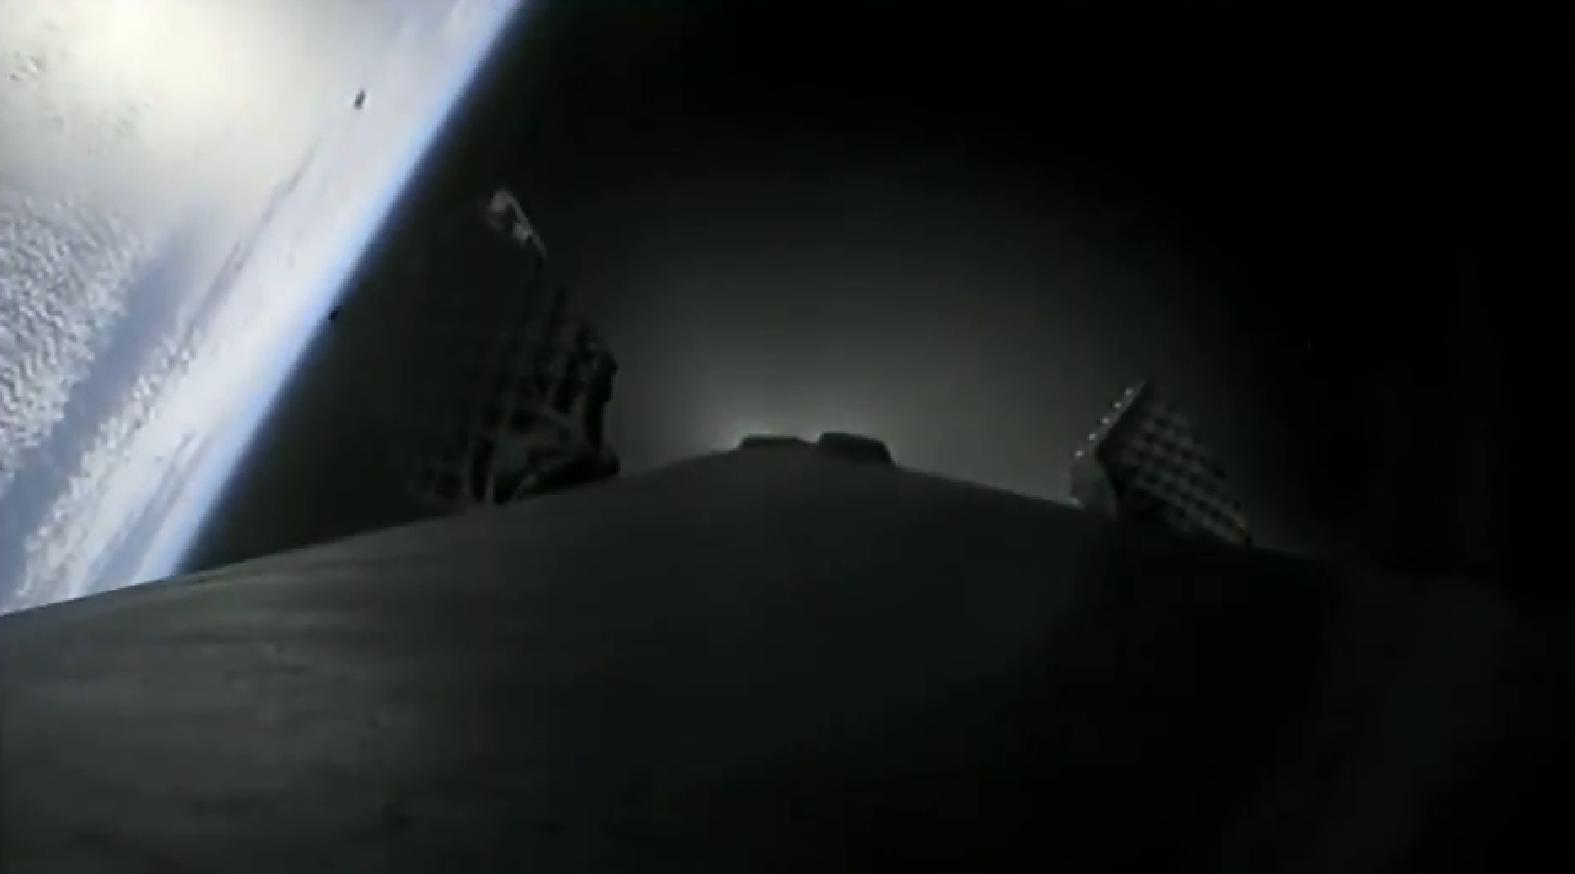 Falcon 9 B1046 SSO-A MECO + boostback (SpaceX) 2